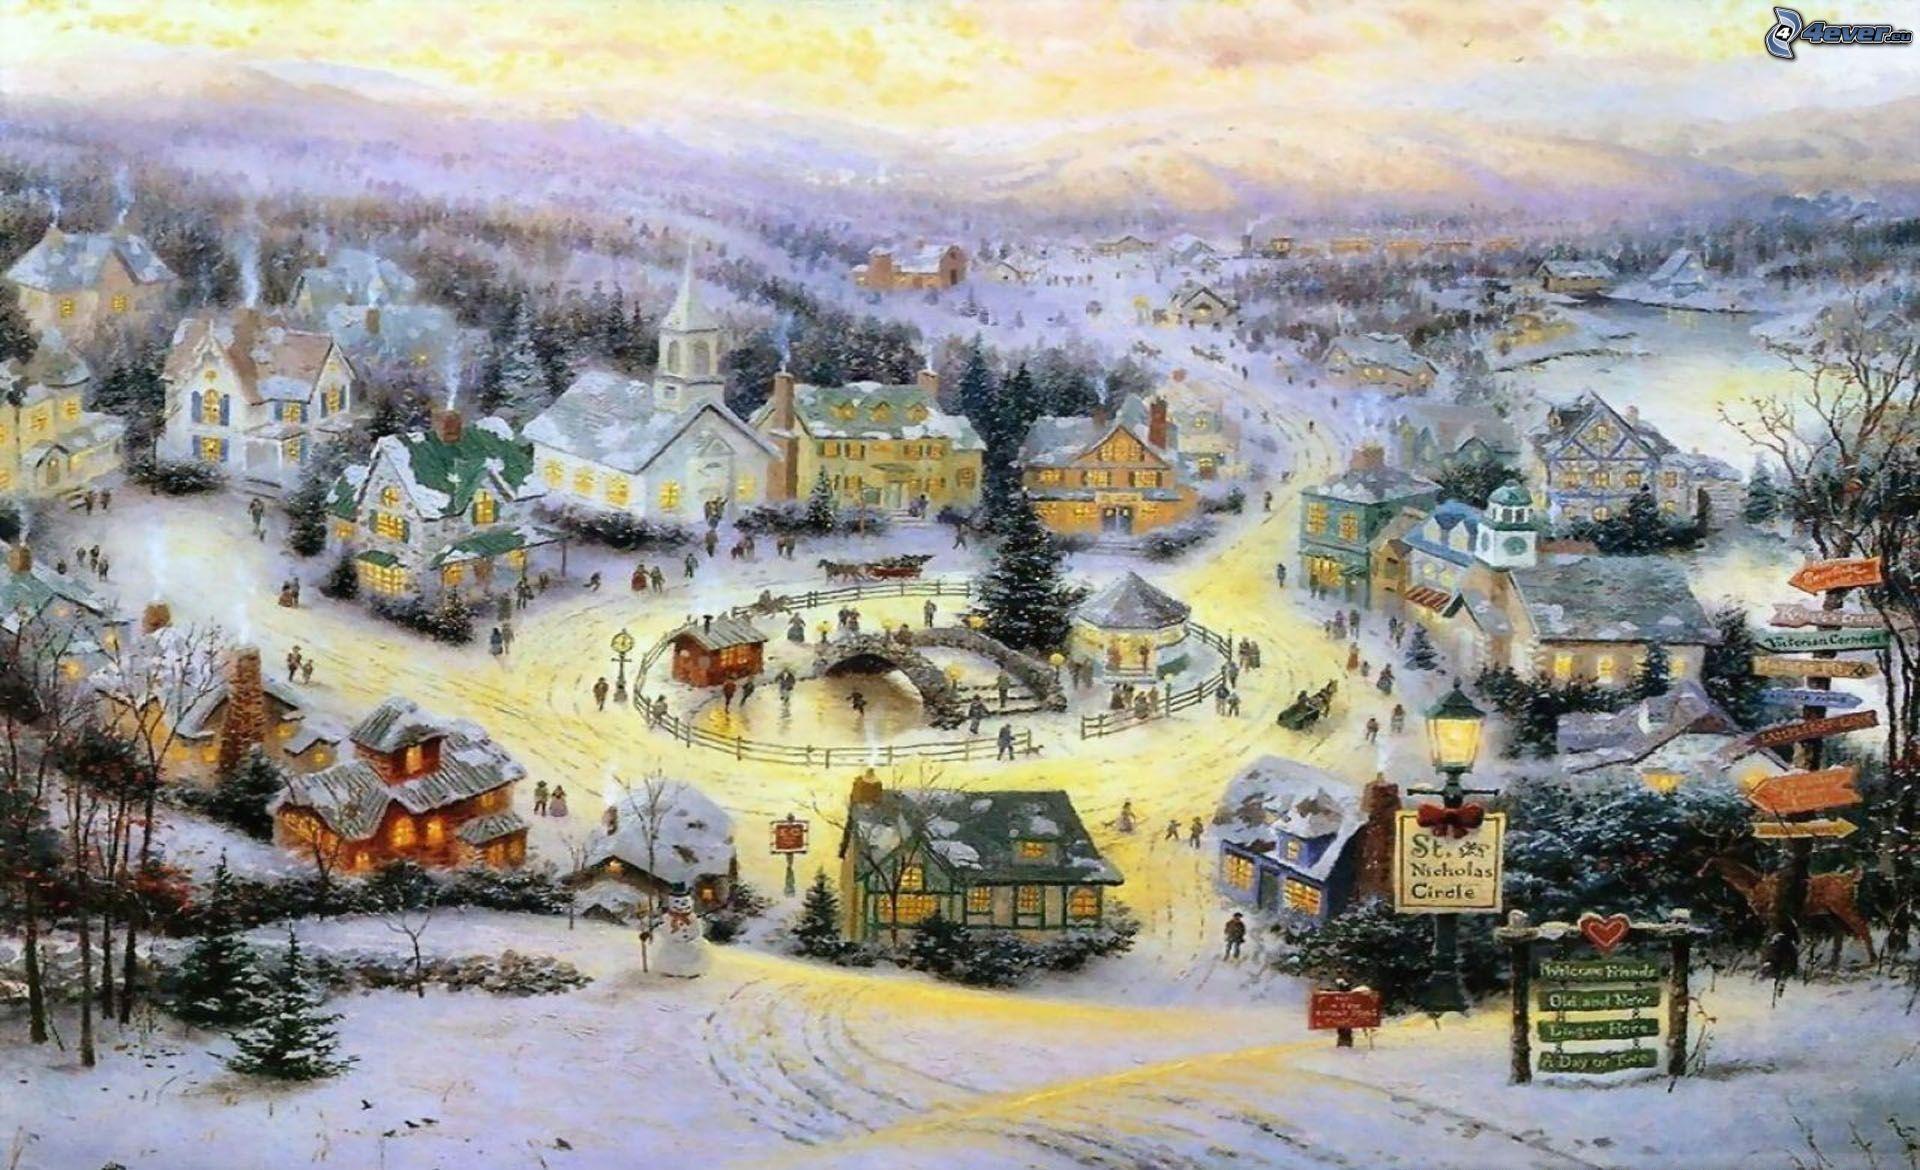 thomas kinkade christmas village | Download picture | Thomas Kinkade ...